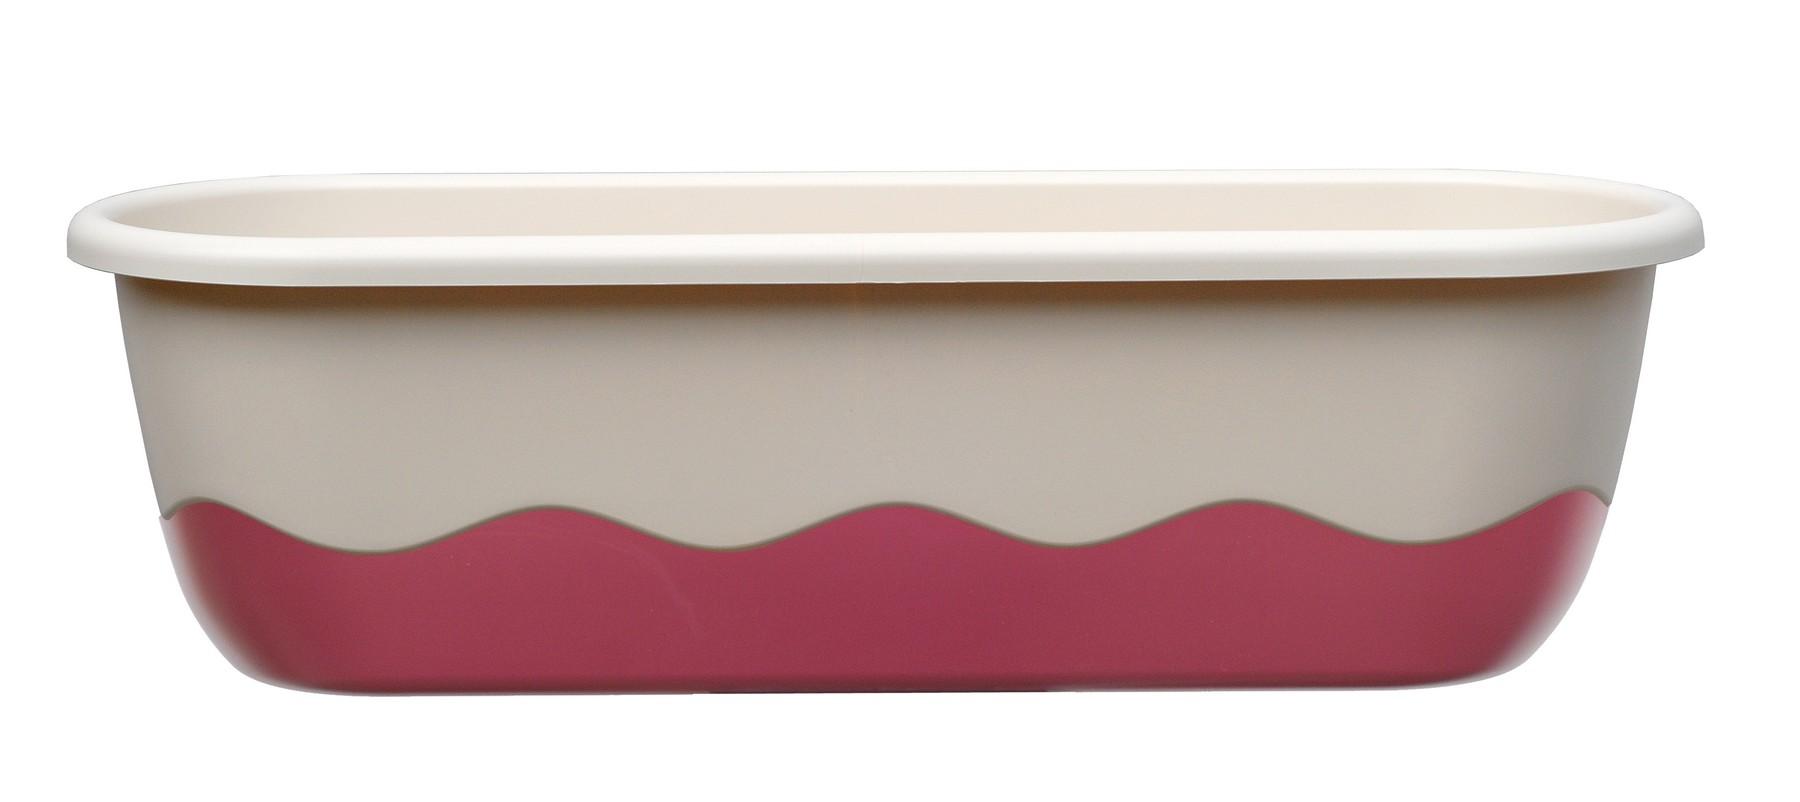 Samozavlažovací truhlík MARETA 60, slonová kost světlá + vínová